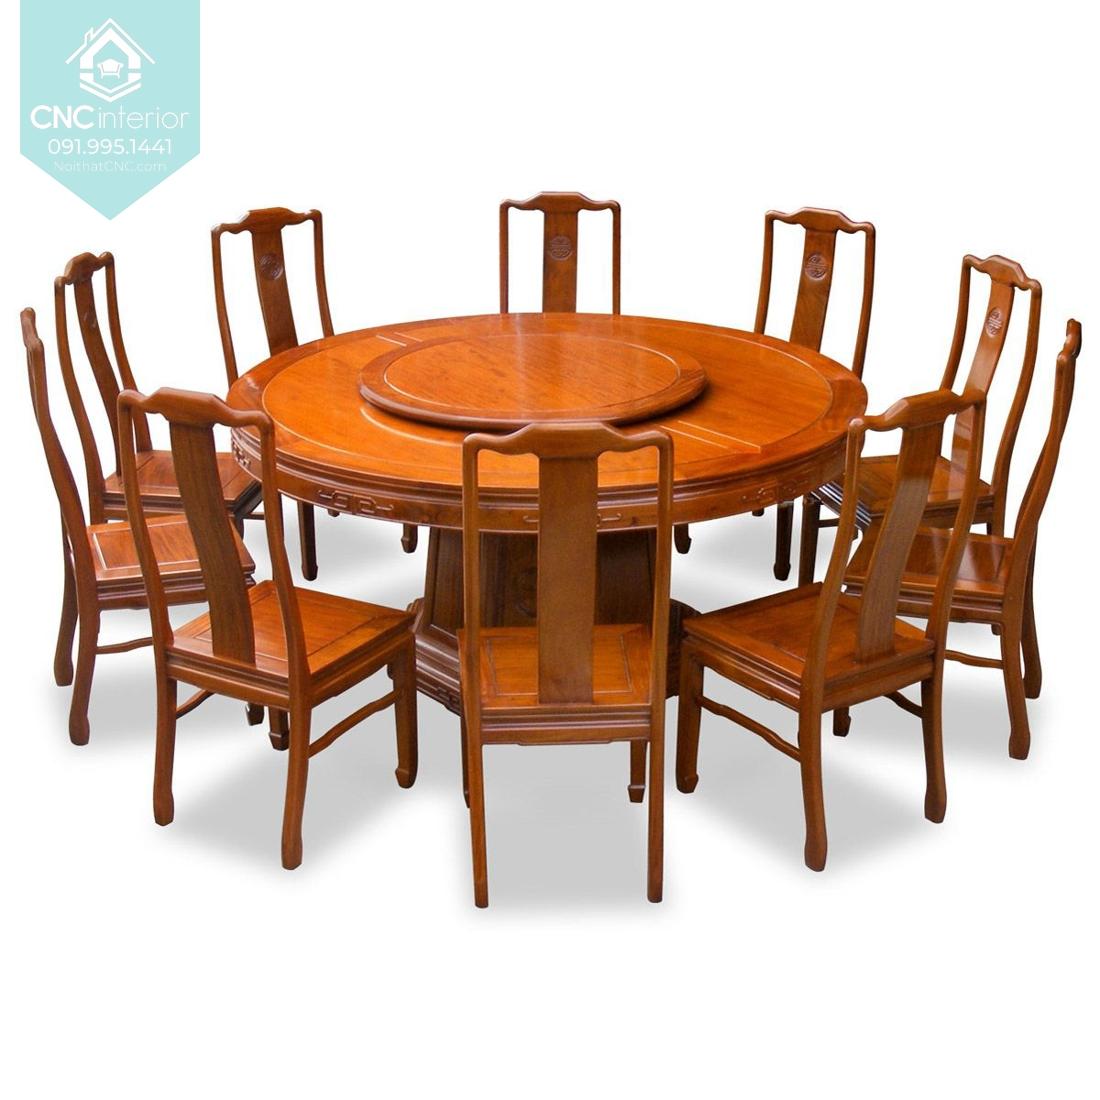 Kích thước bàn ăn tròn 8 người 2